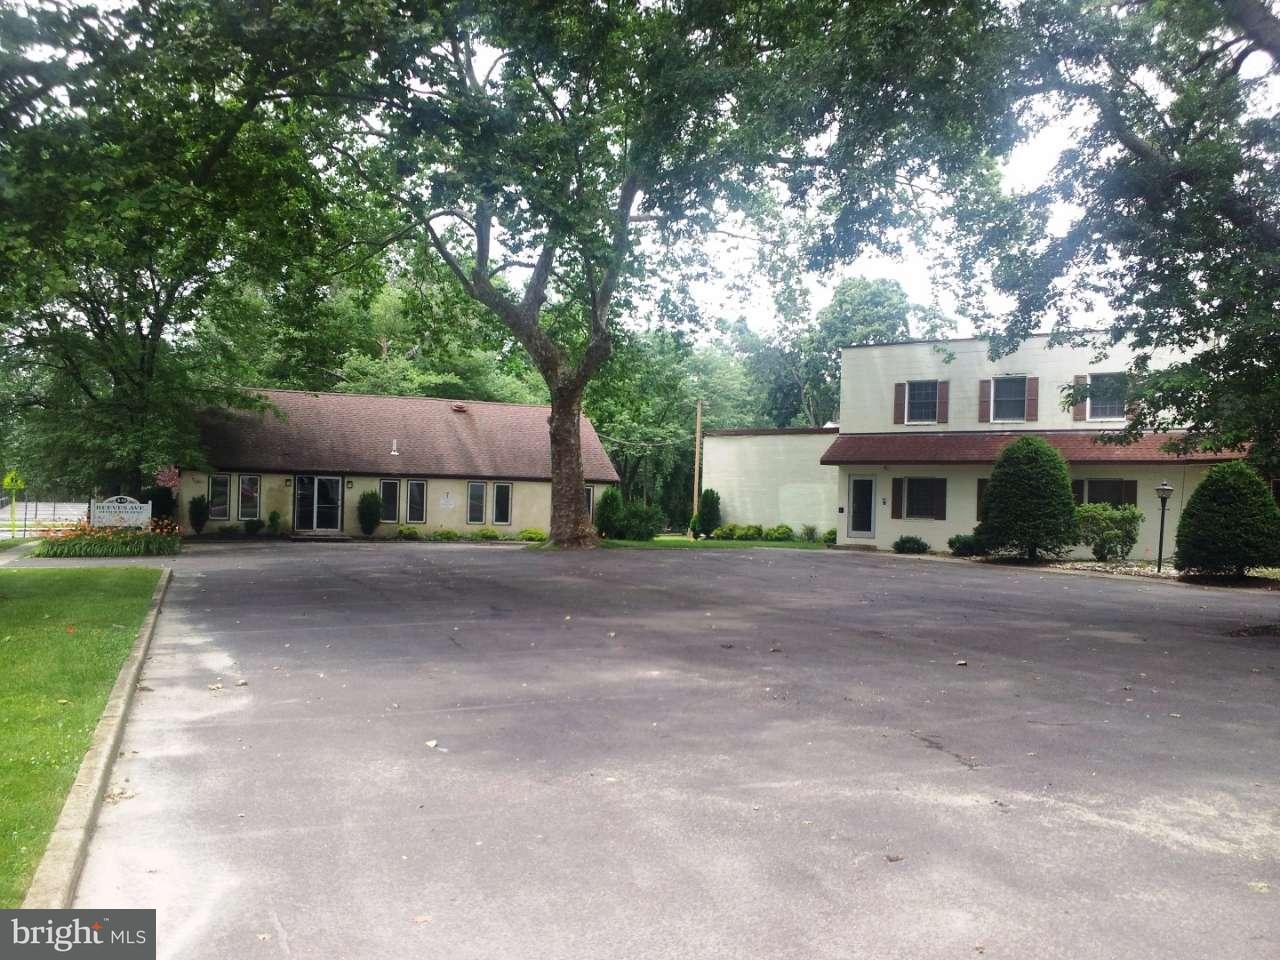 단독 가정 주택 용 매매 에 10 REEVES Avenue Hamilton Township, 뉴저지 08610 미국에서/약: Hamilton Township